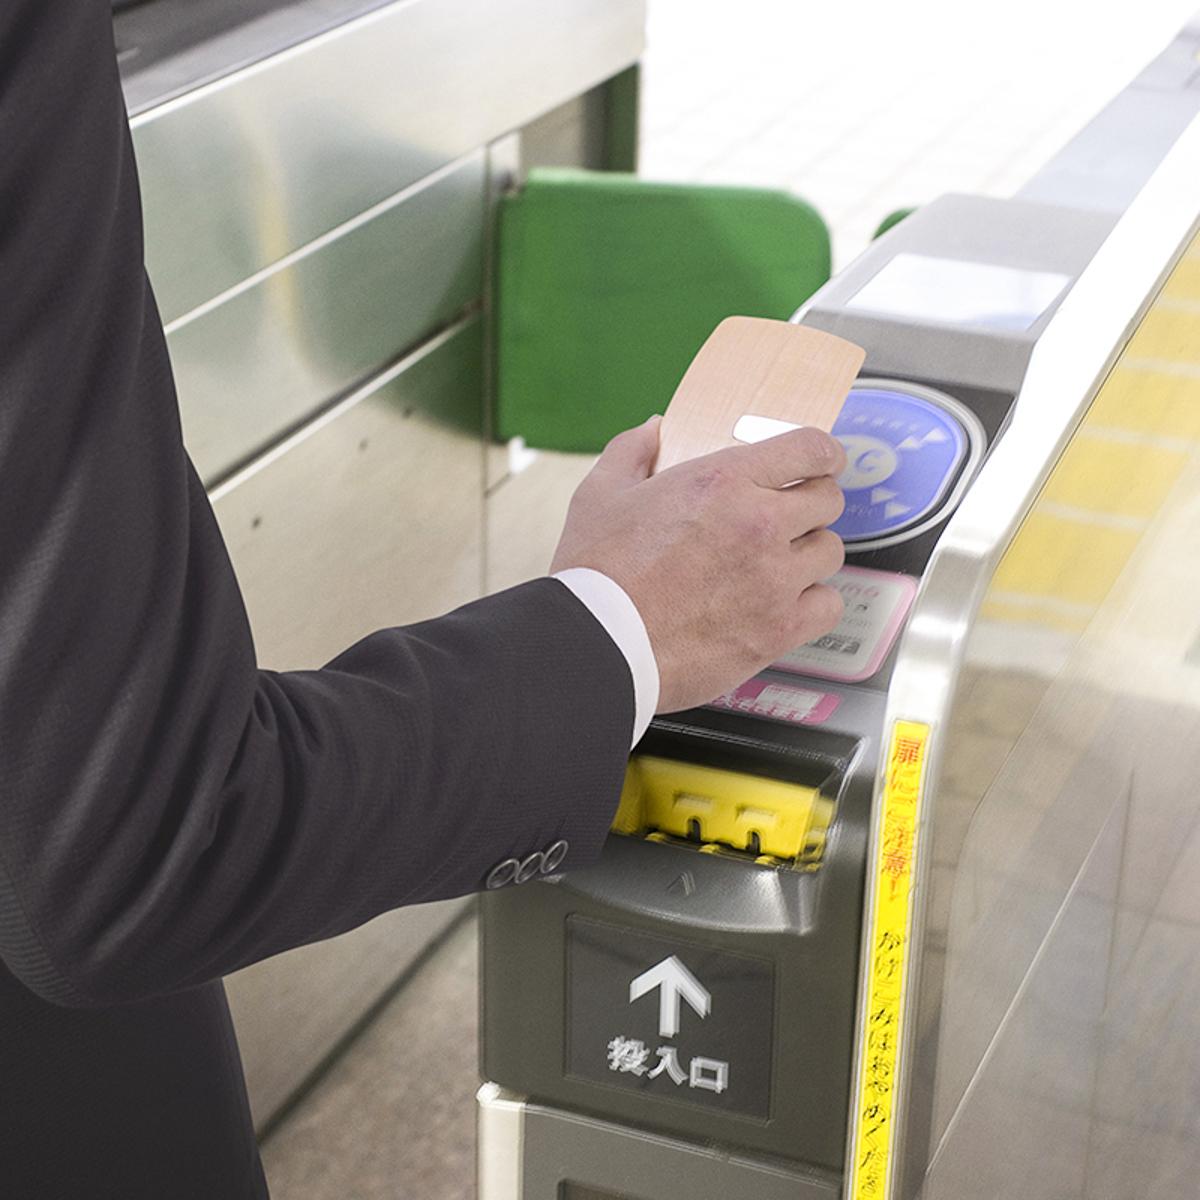 手ぶら外出ができる「木の財布」|《ケヤキ》カード3枚だけ持って、手ぶら外出できる「木の財布」|Smart Card Clip